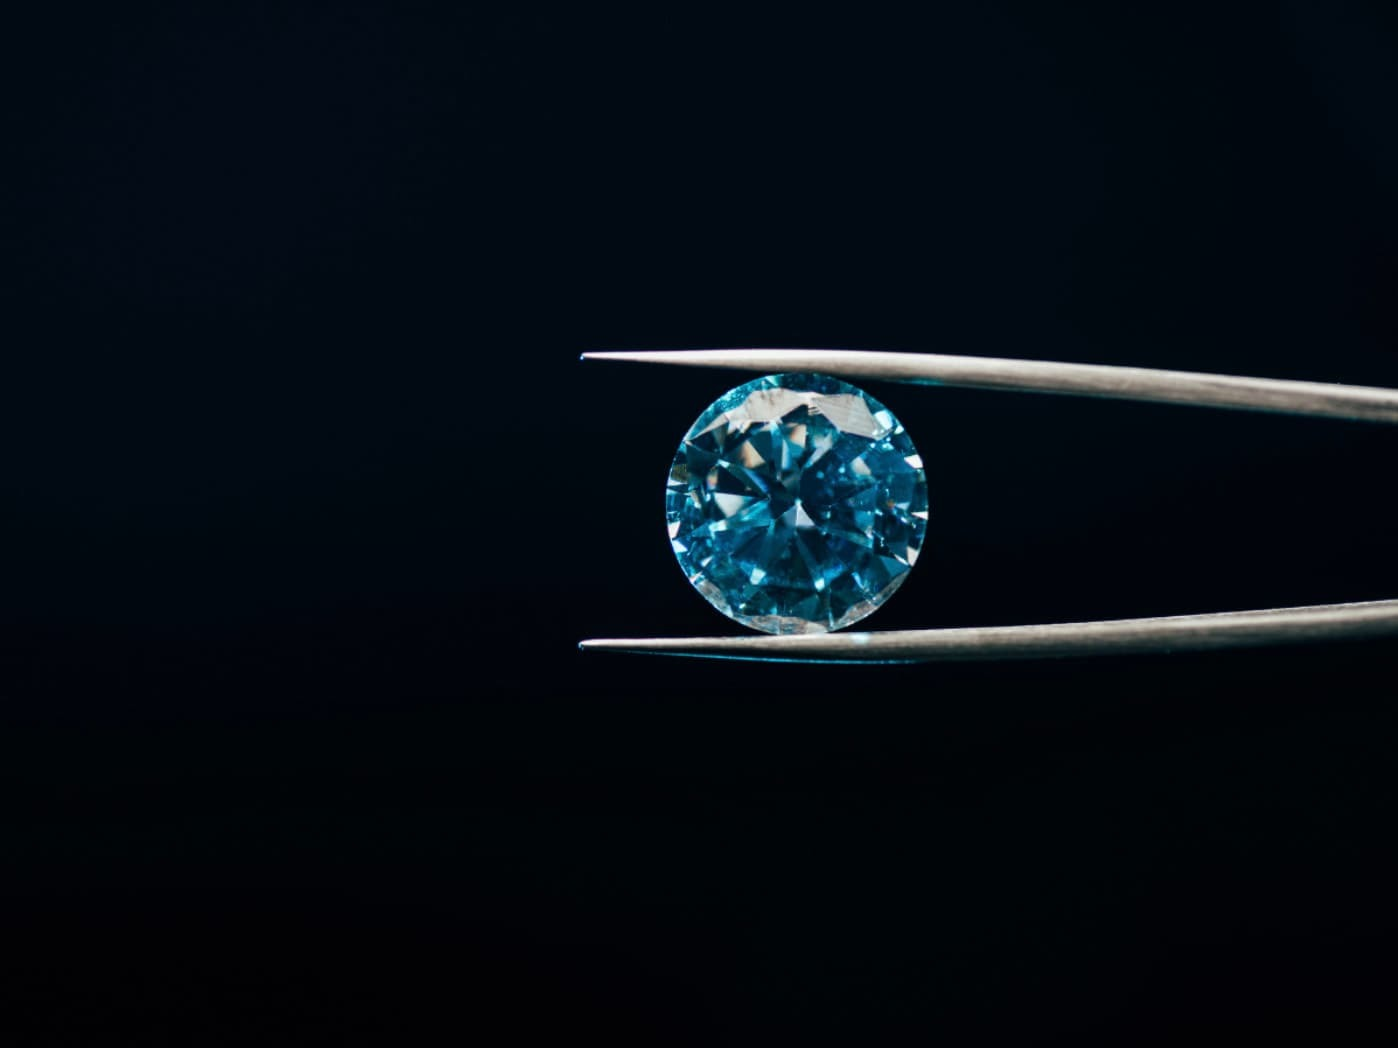 鑽石有如彩虹光譜的顏色,又稱彩鑽,顏色越深,價值越珍貴。